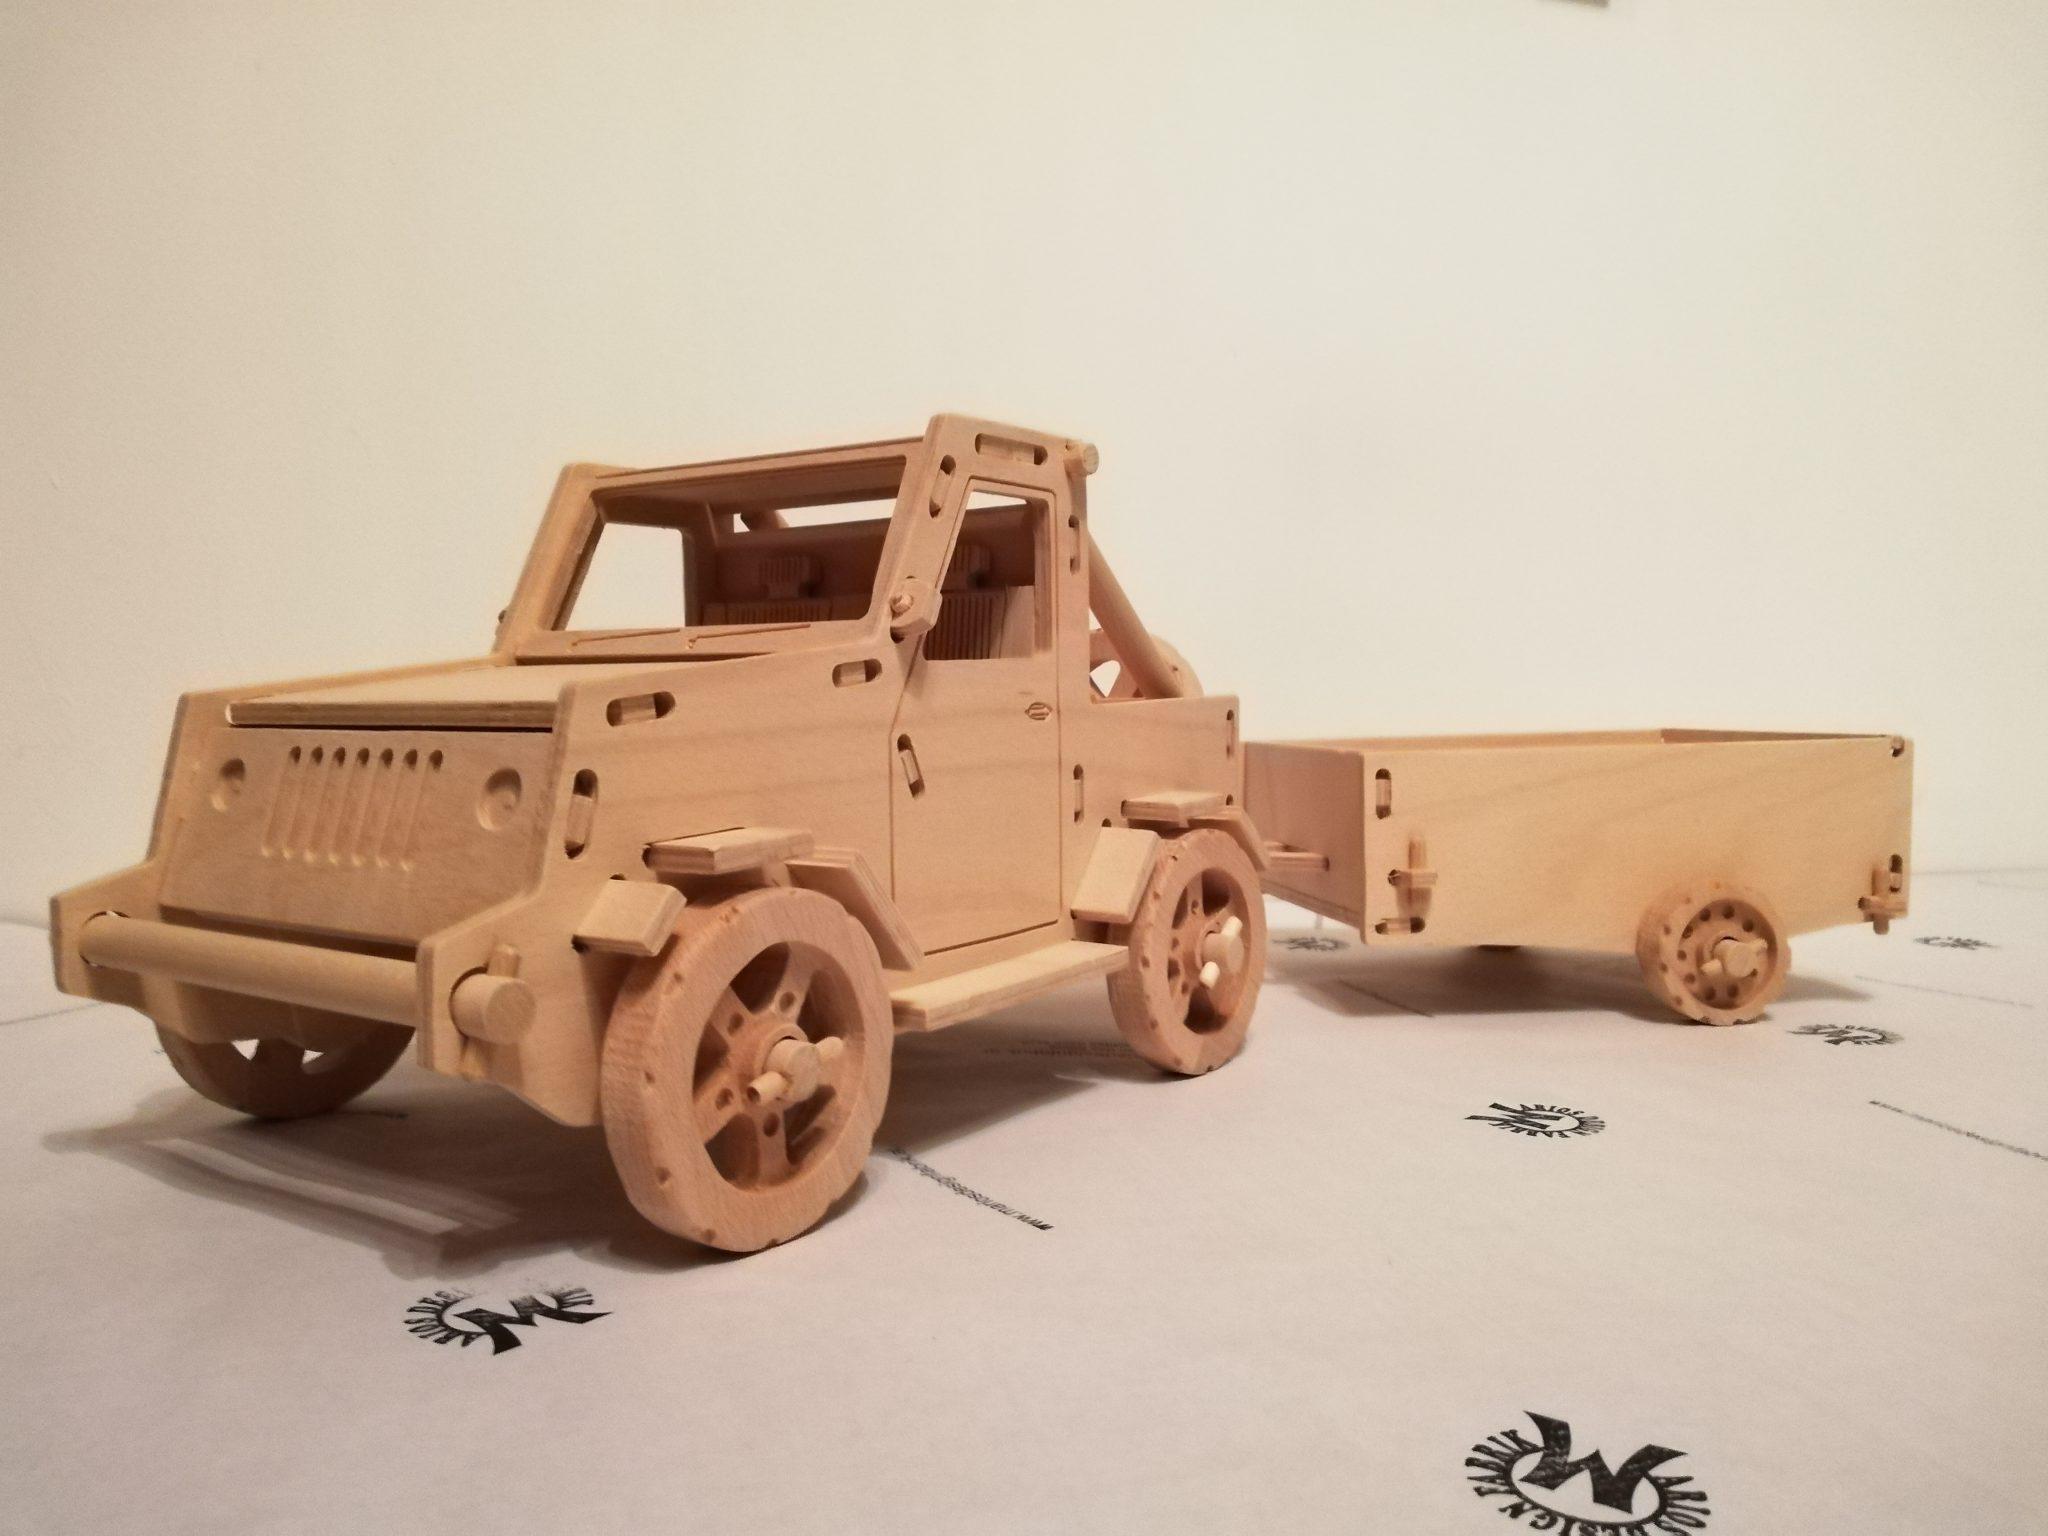 Fahrzeug Spielzeug aus Holz Design Jeep Wrangler Set mit Anhänger